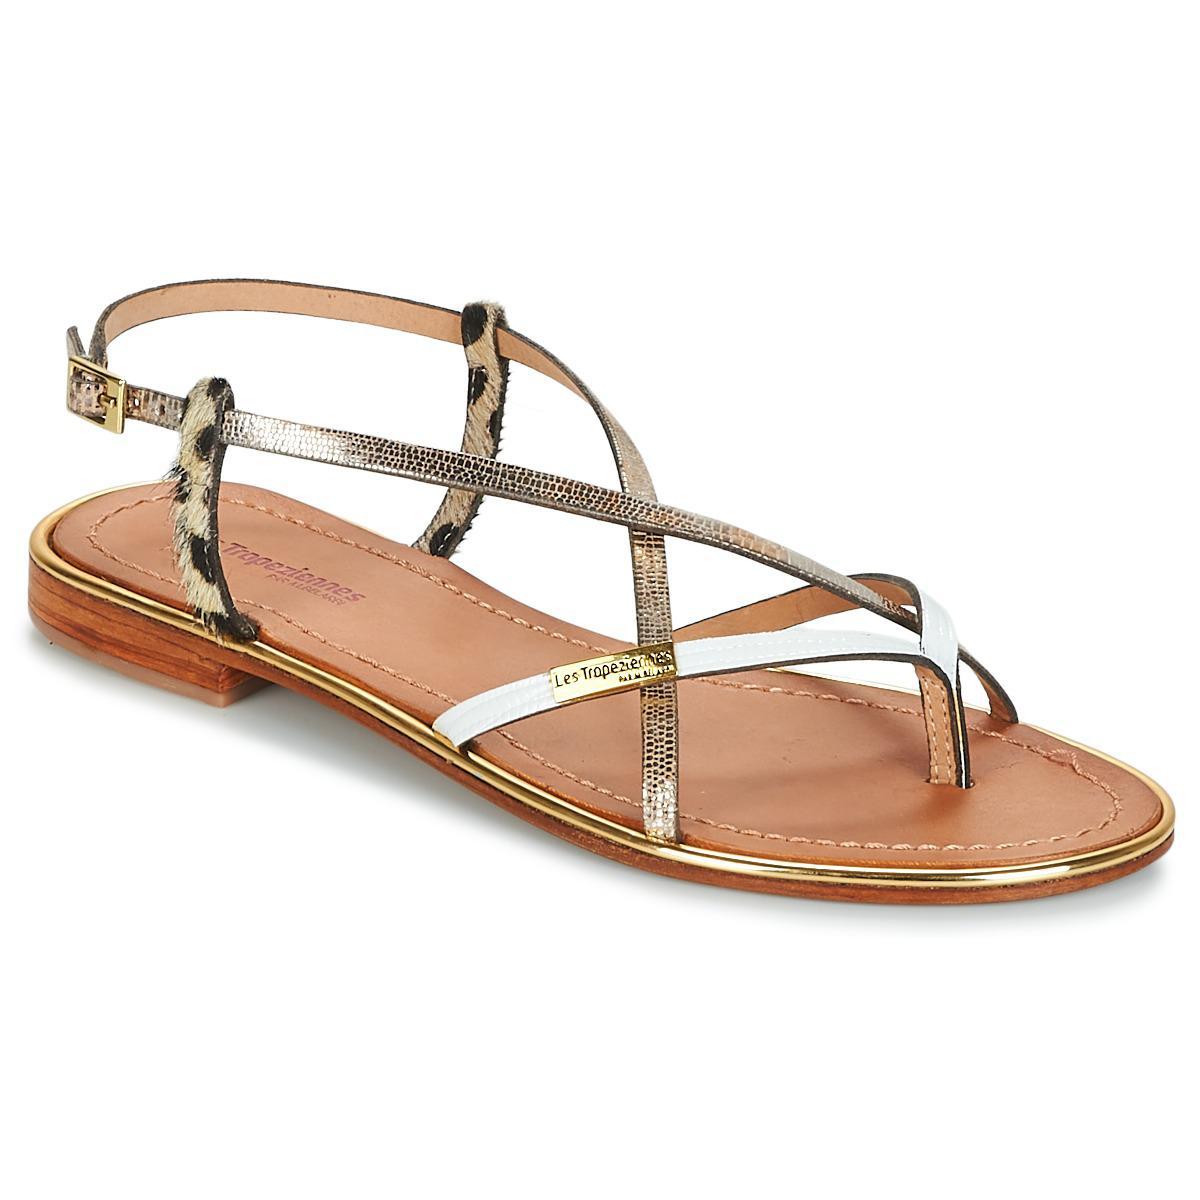 dc6378f061184c les-tropeziennes-par-m-belarbi-gold-Monaco-Womens-Sandals-In-Gold.jpeg